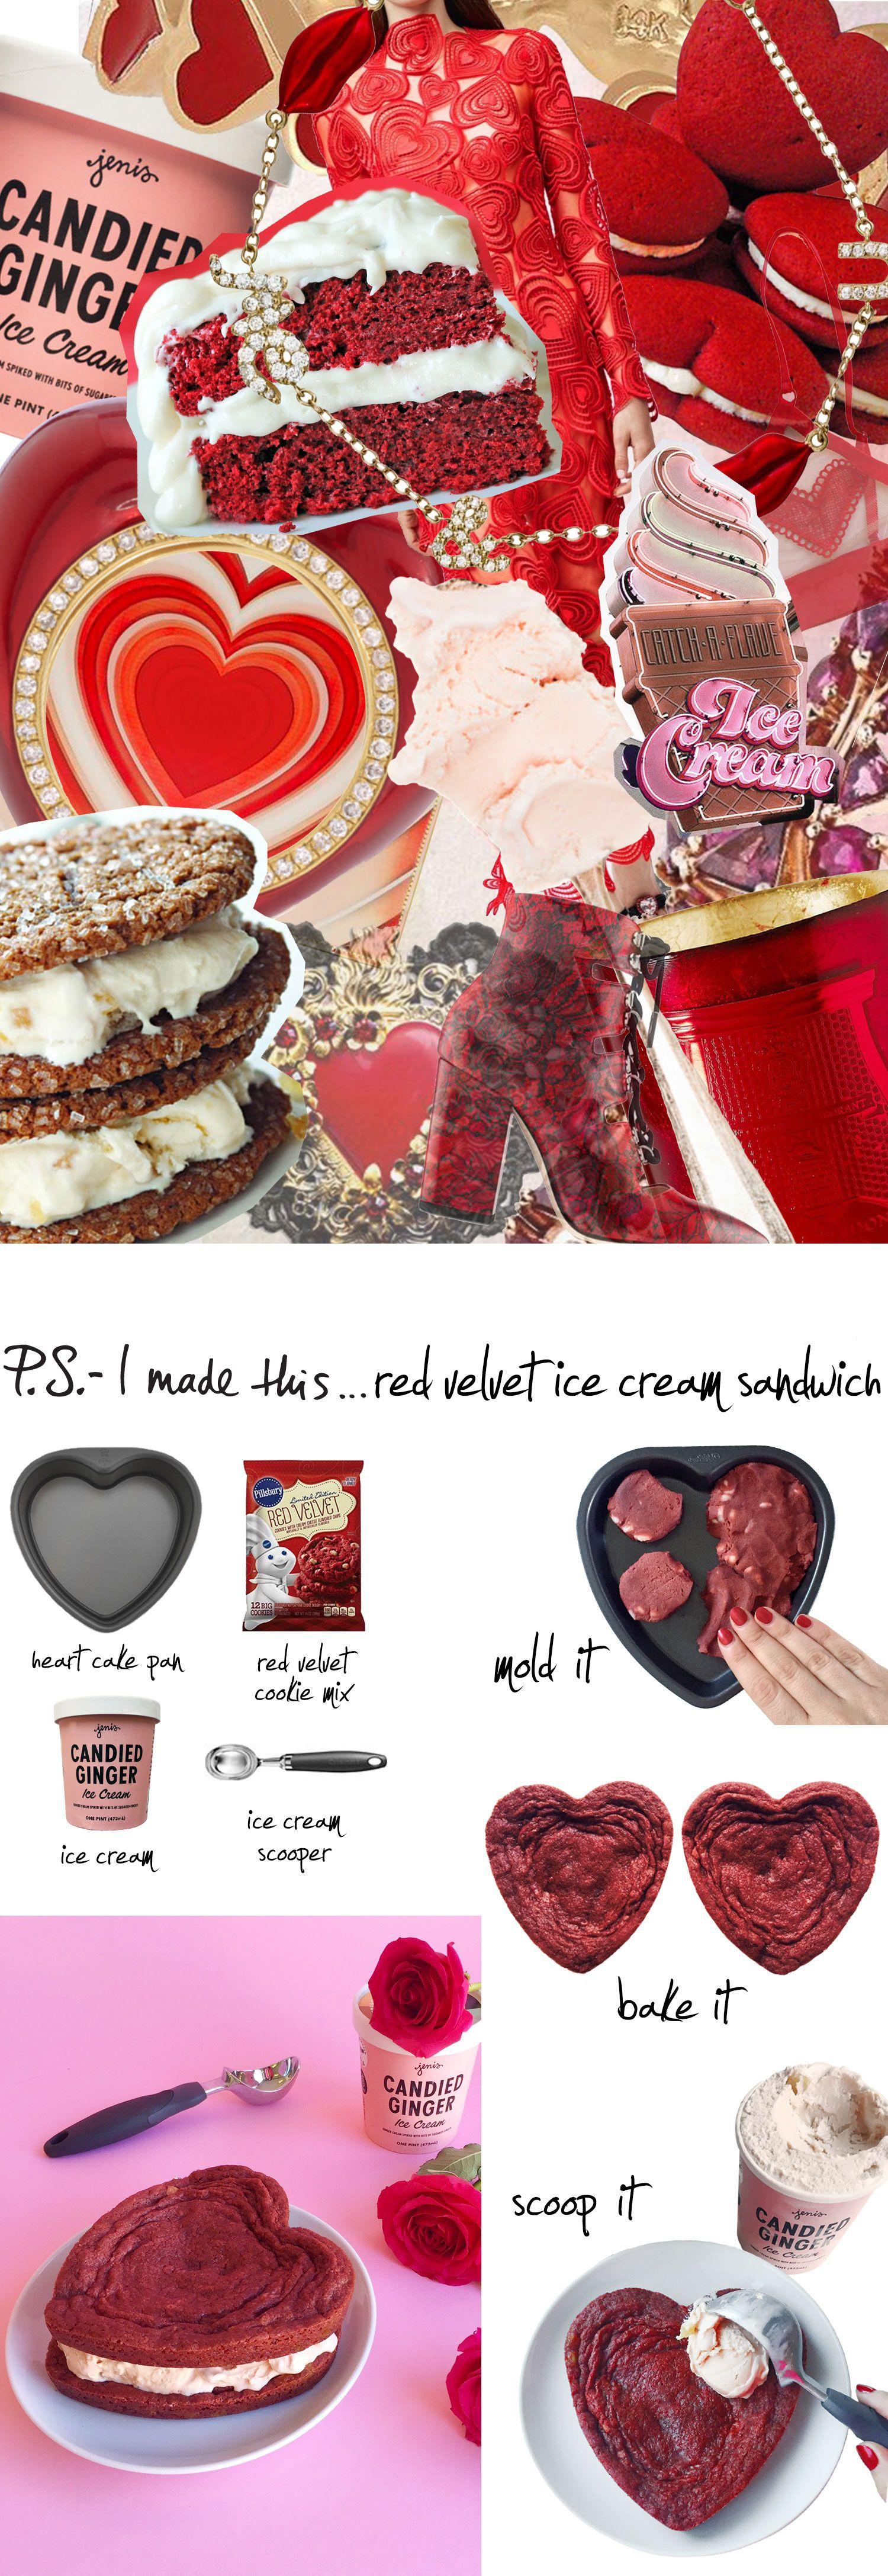 P.S.- I made this... Red Velvet Ice Cream Sandwich #PSIMADETHIS #DIY